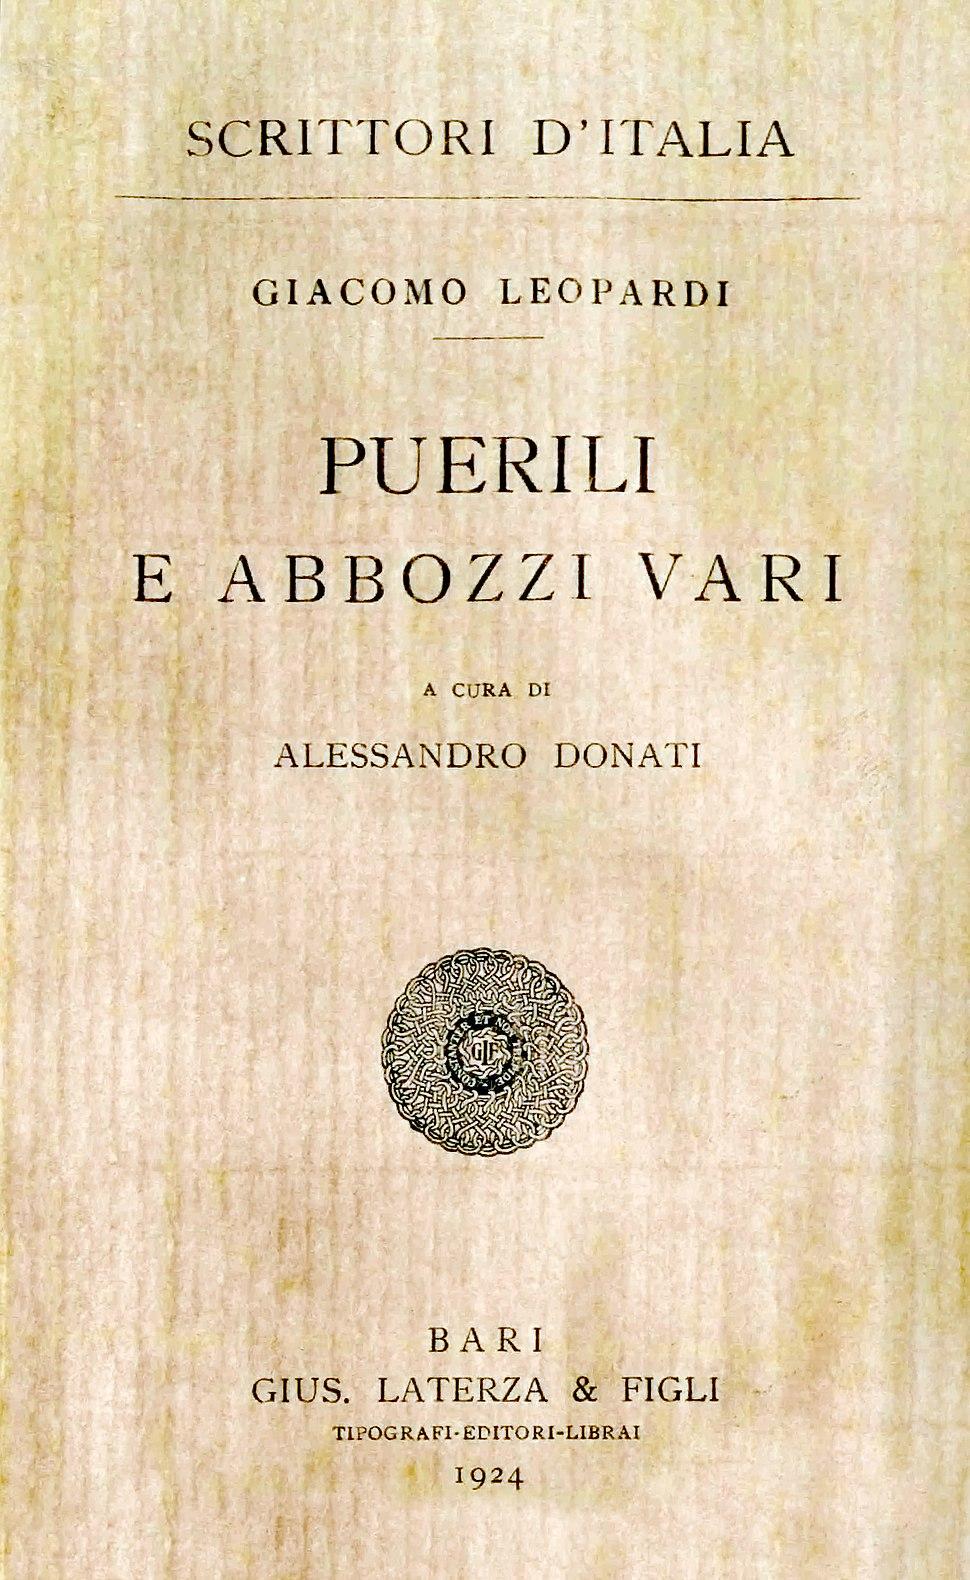 Leopardi - Puerili e abbozzi vari, 1924 - 1859280 C.jpeg